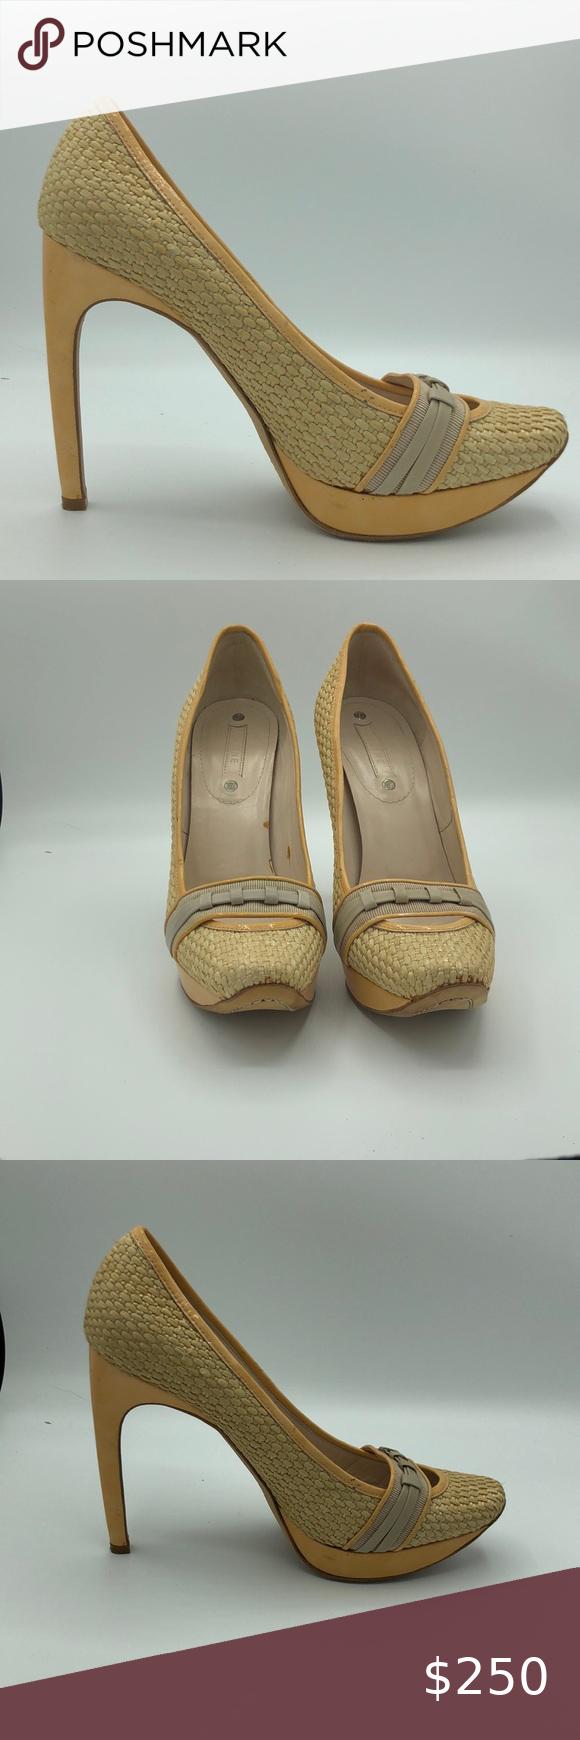 Celine Straw Shoes Heels Tan Size 37 5 In 2020 Heels Straw Shoes Shoes Women Heels